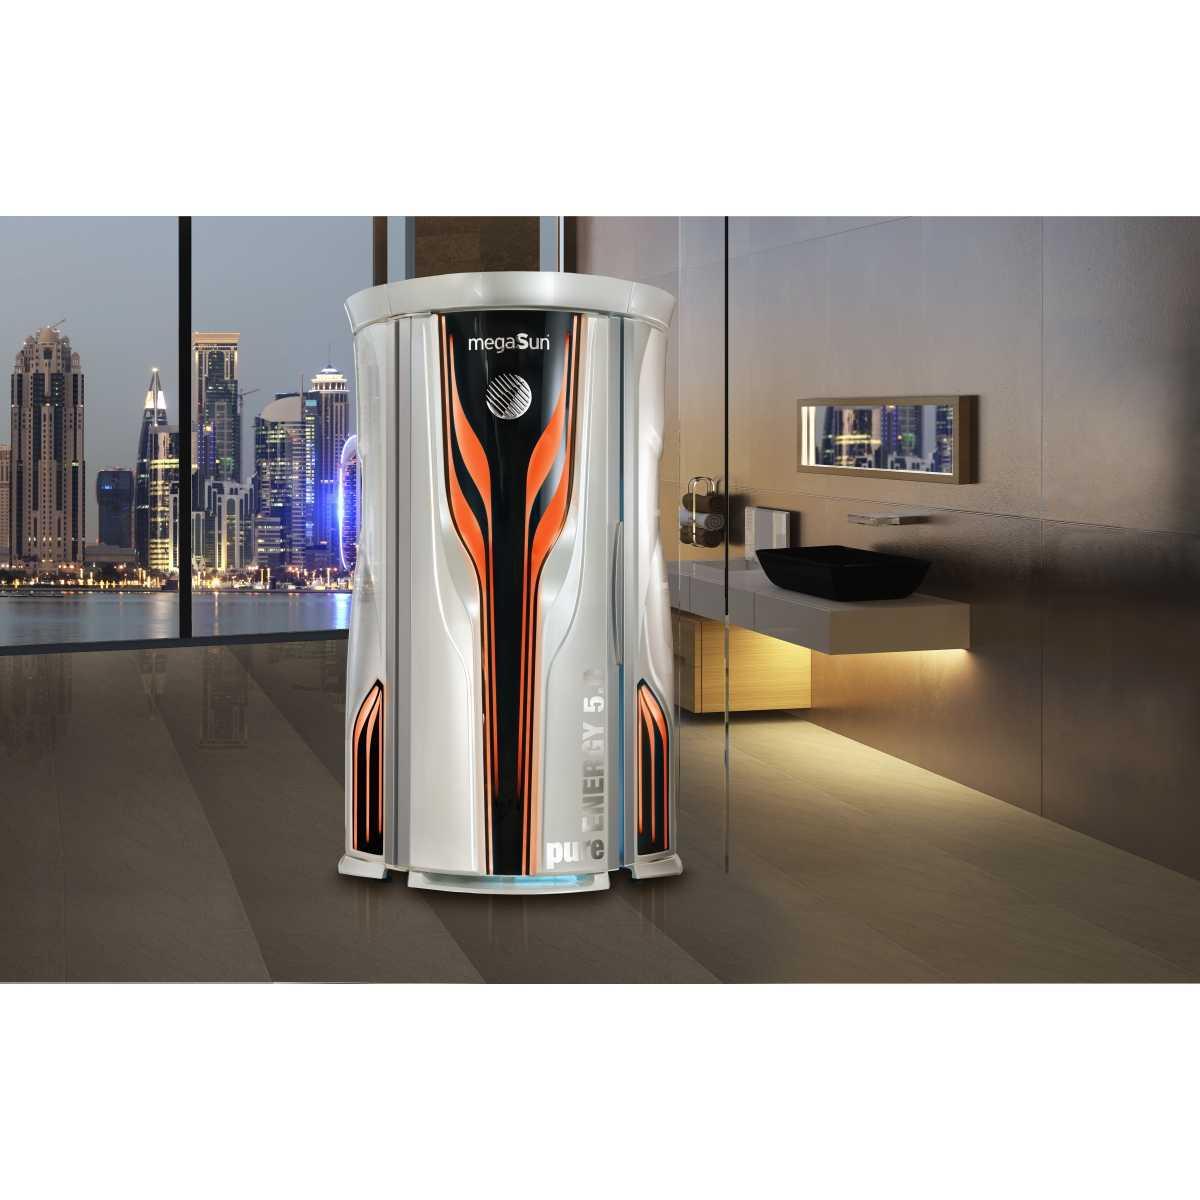 Megasun Pura Energia 5.0 - Megasun - Megasun